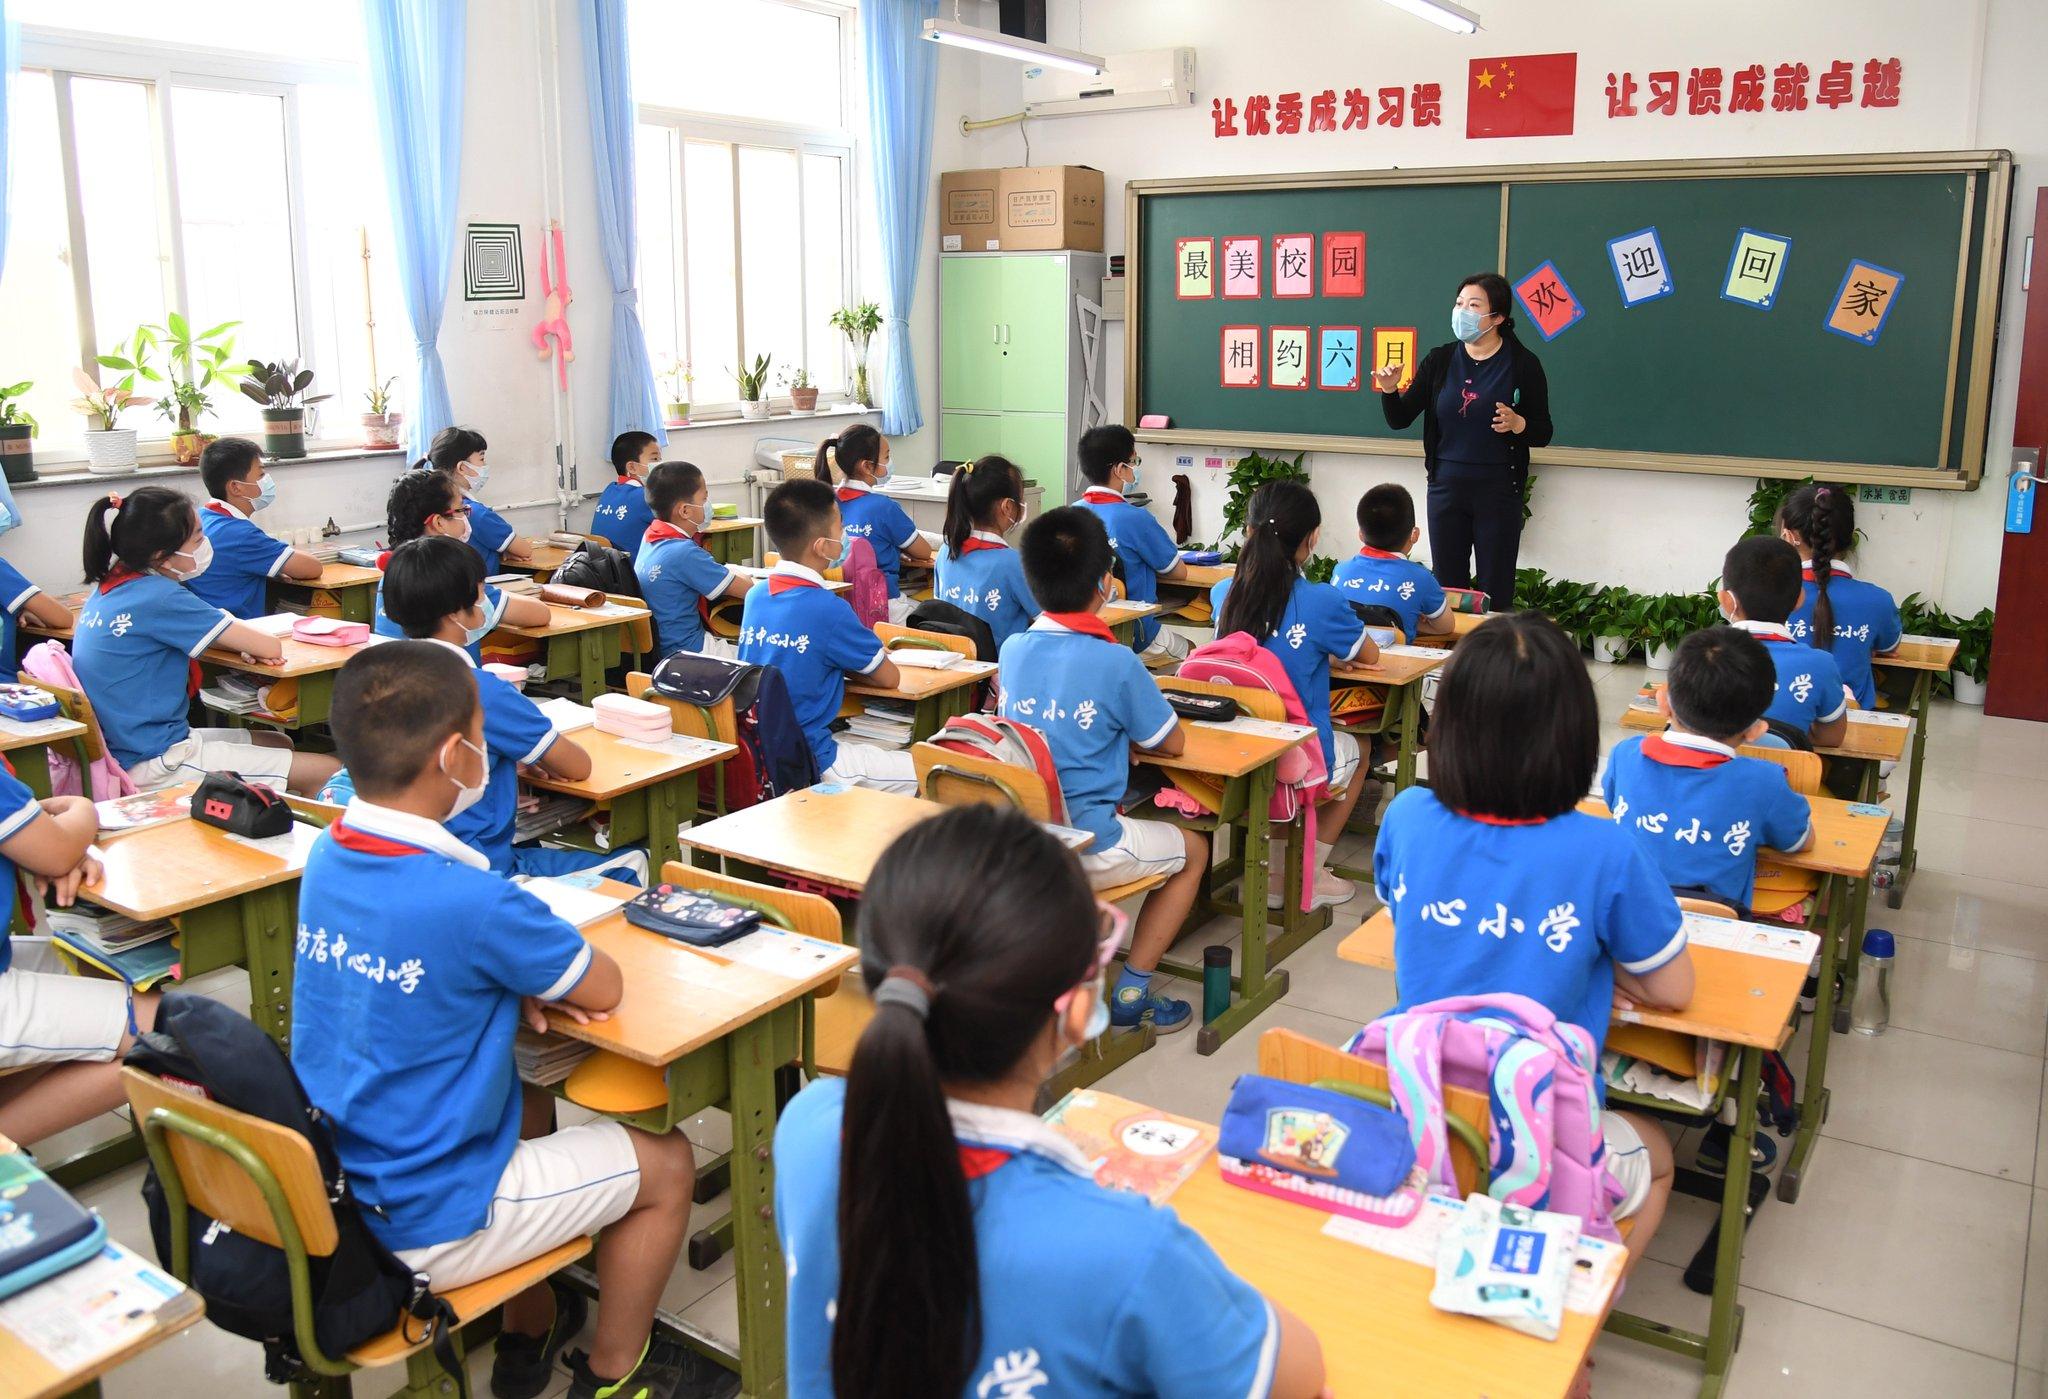 Beijing anuncia fechas de inicio de nuevo semestre escolar